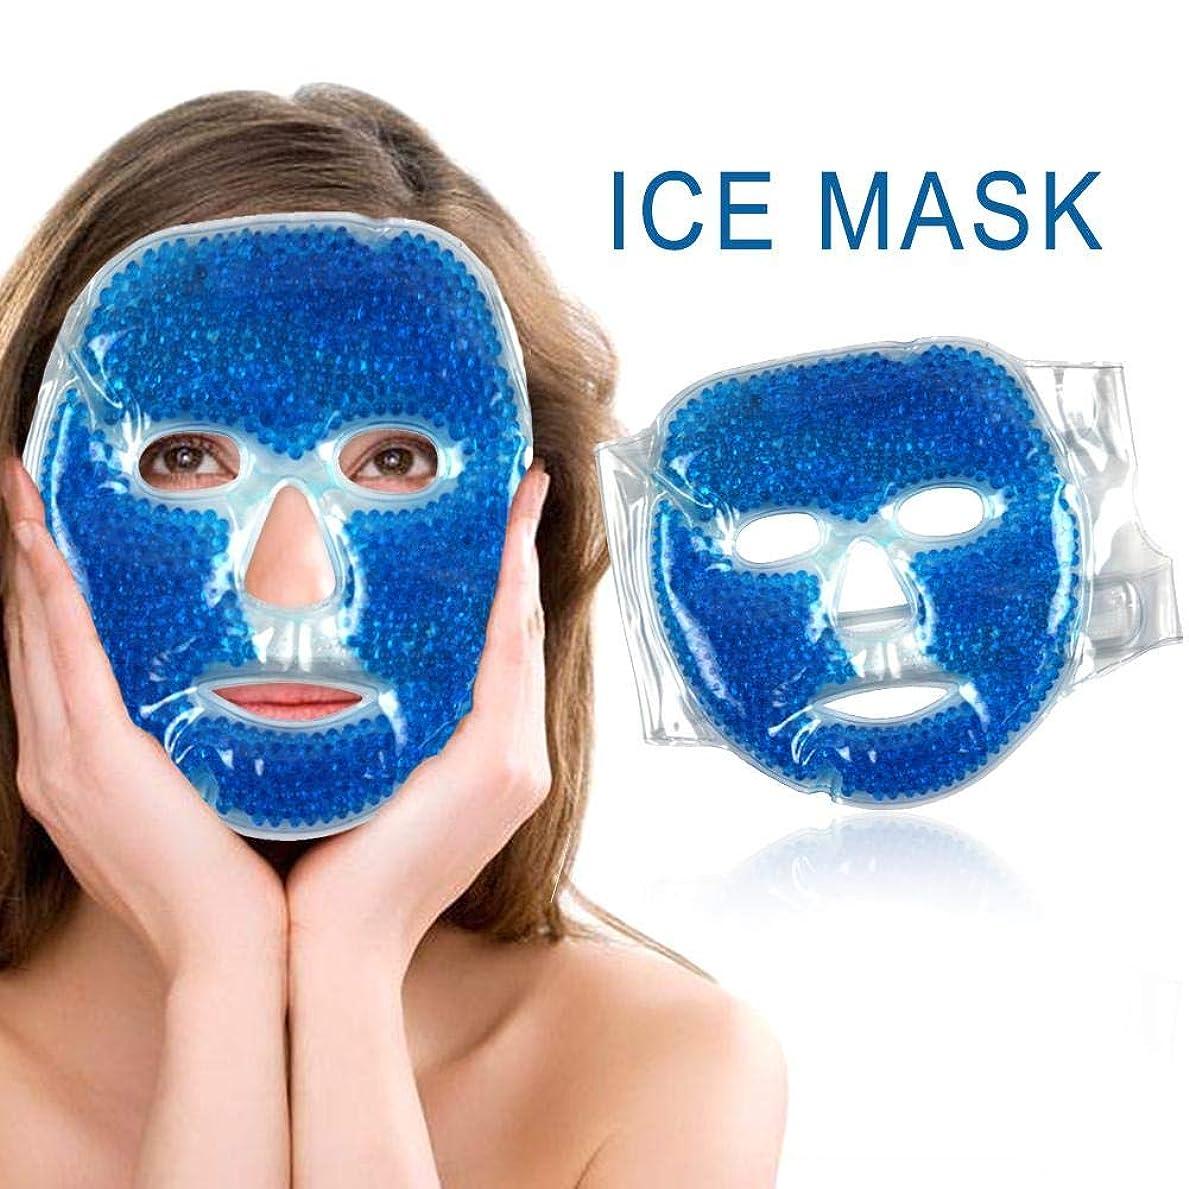 降雨ジャンク無限SILUN フェイスマスク 冷温兼用 アイスマスク 美容用 再利用可能 毛細血管収縮 疲労緩和 肌ケア 保湿 吸収しやすい 美容マッサージ